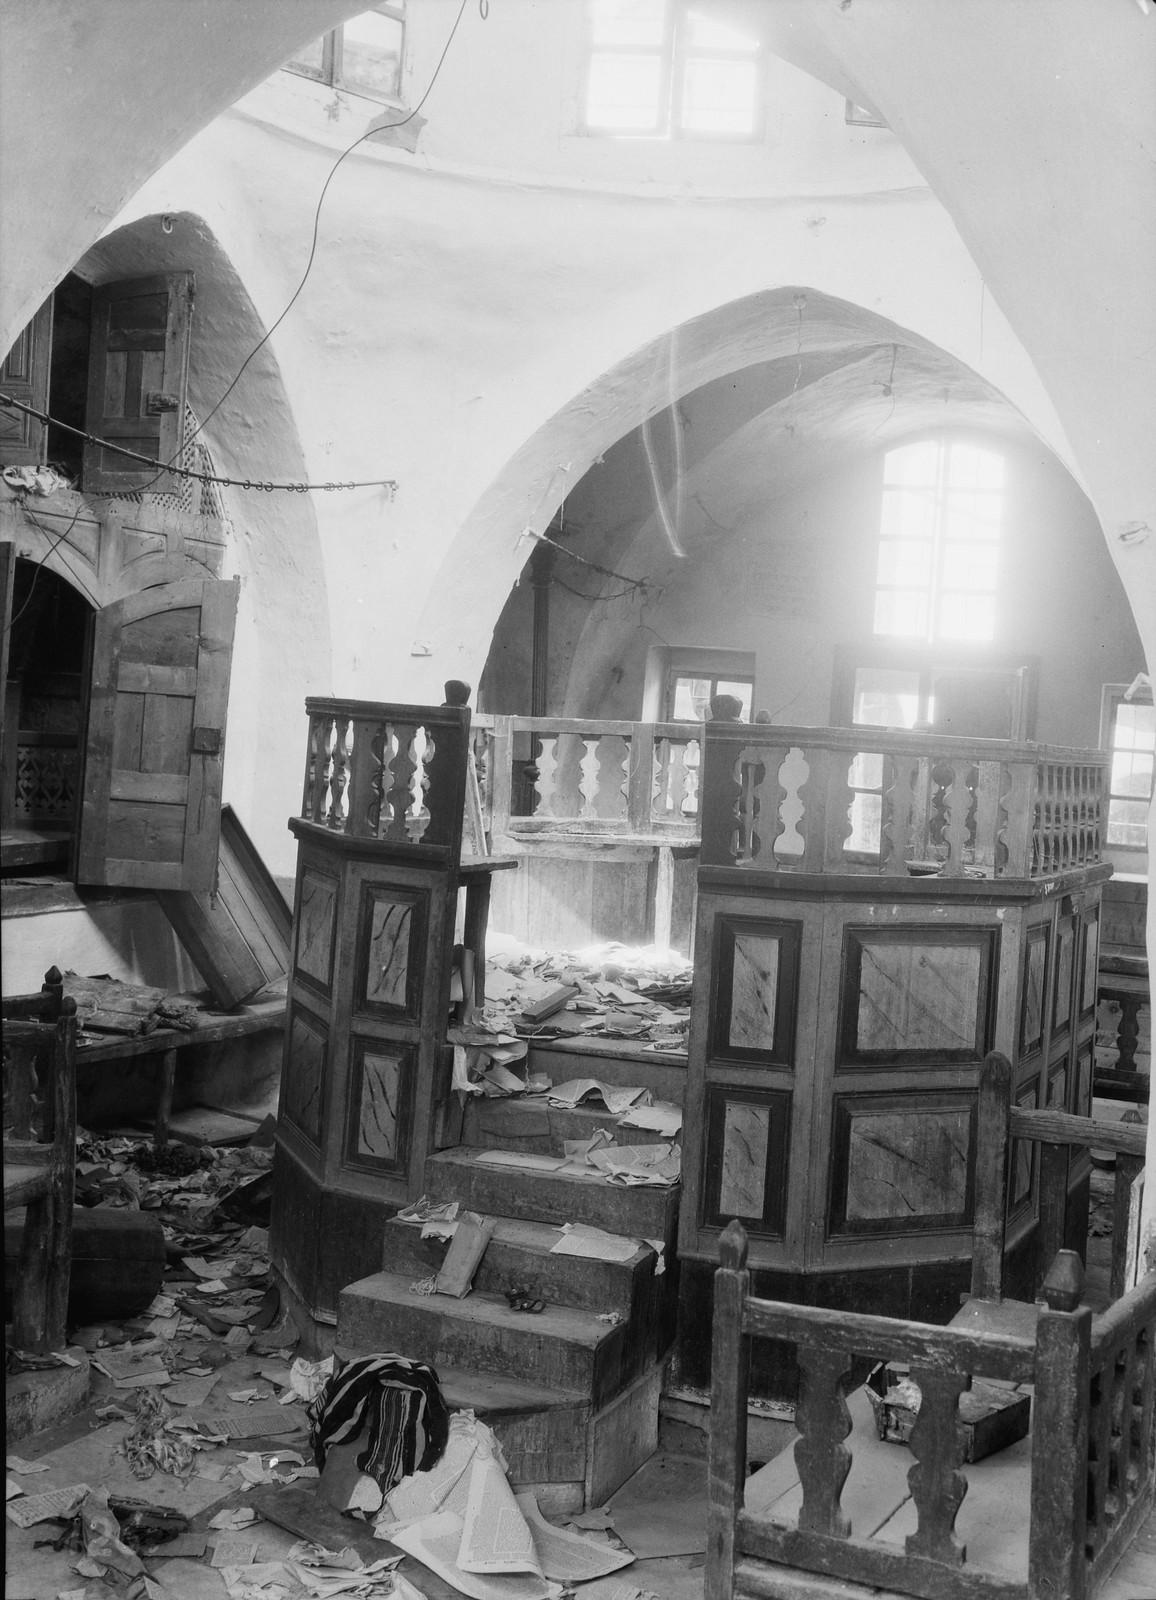 01. 23–31 августа. Хеврон. Синагога, оскверненная арабскими погромщиками. Мебель сломана, пол завален разорванными священными книгами